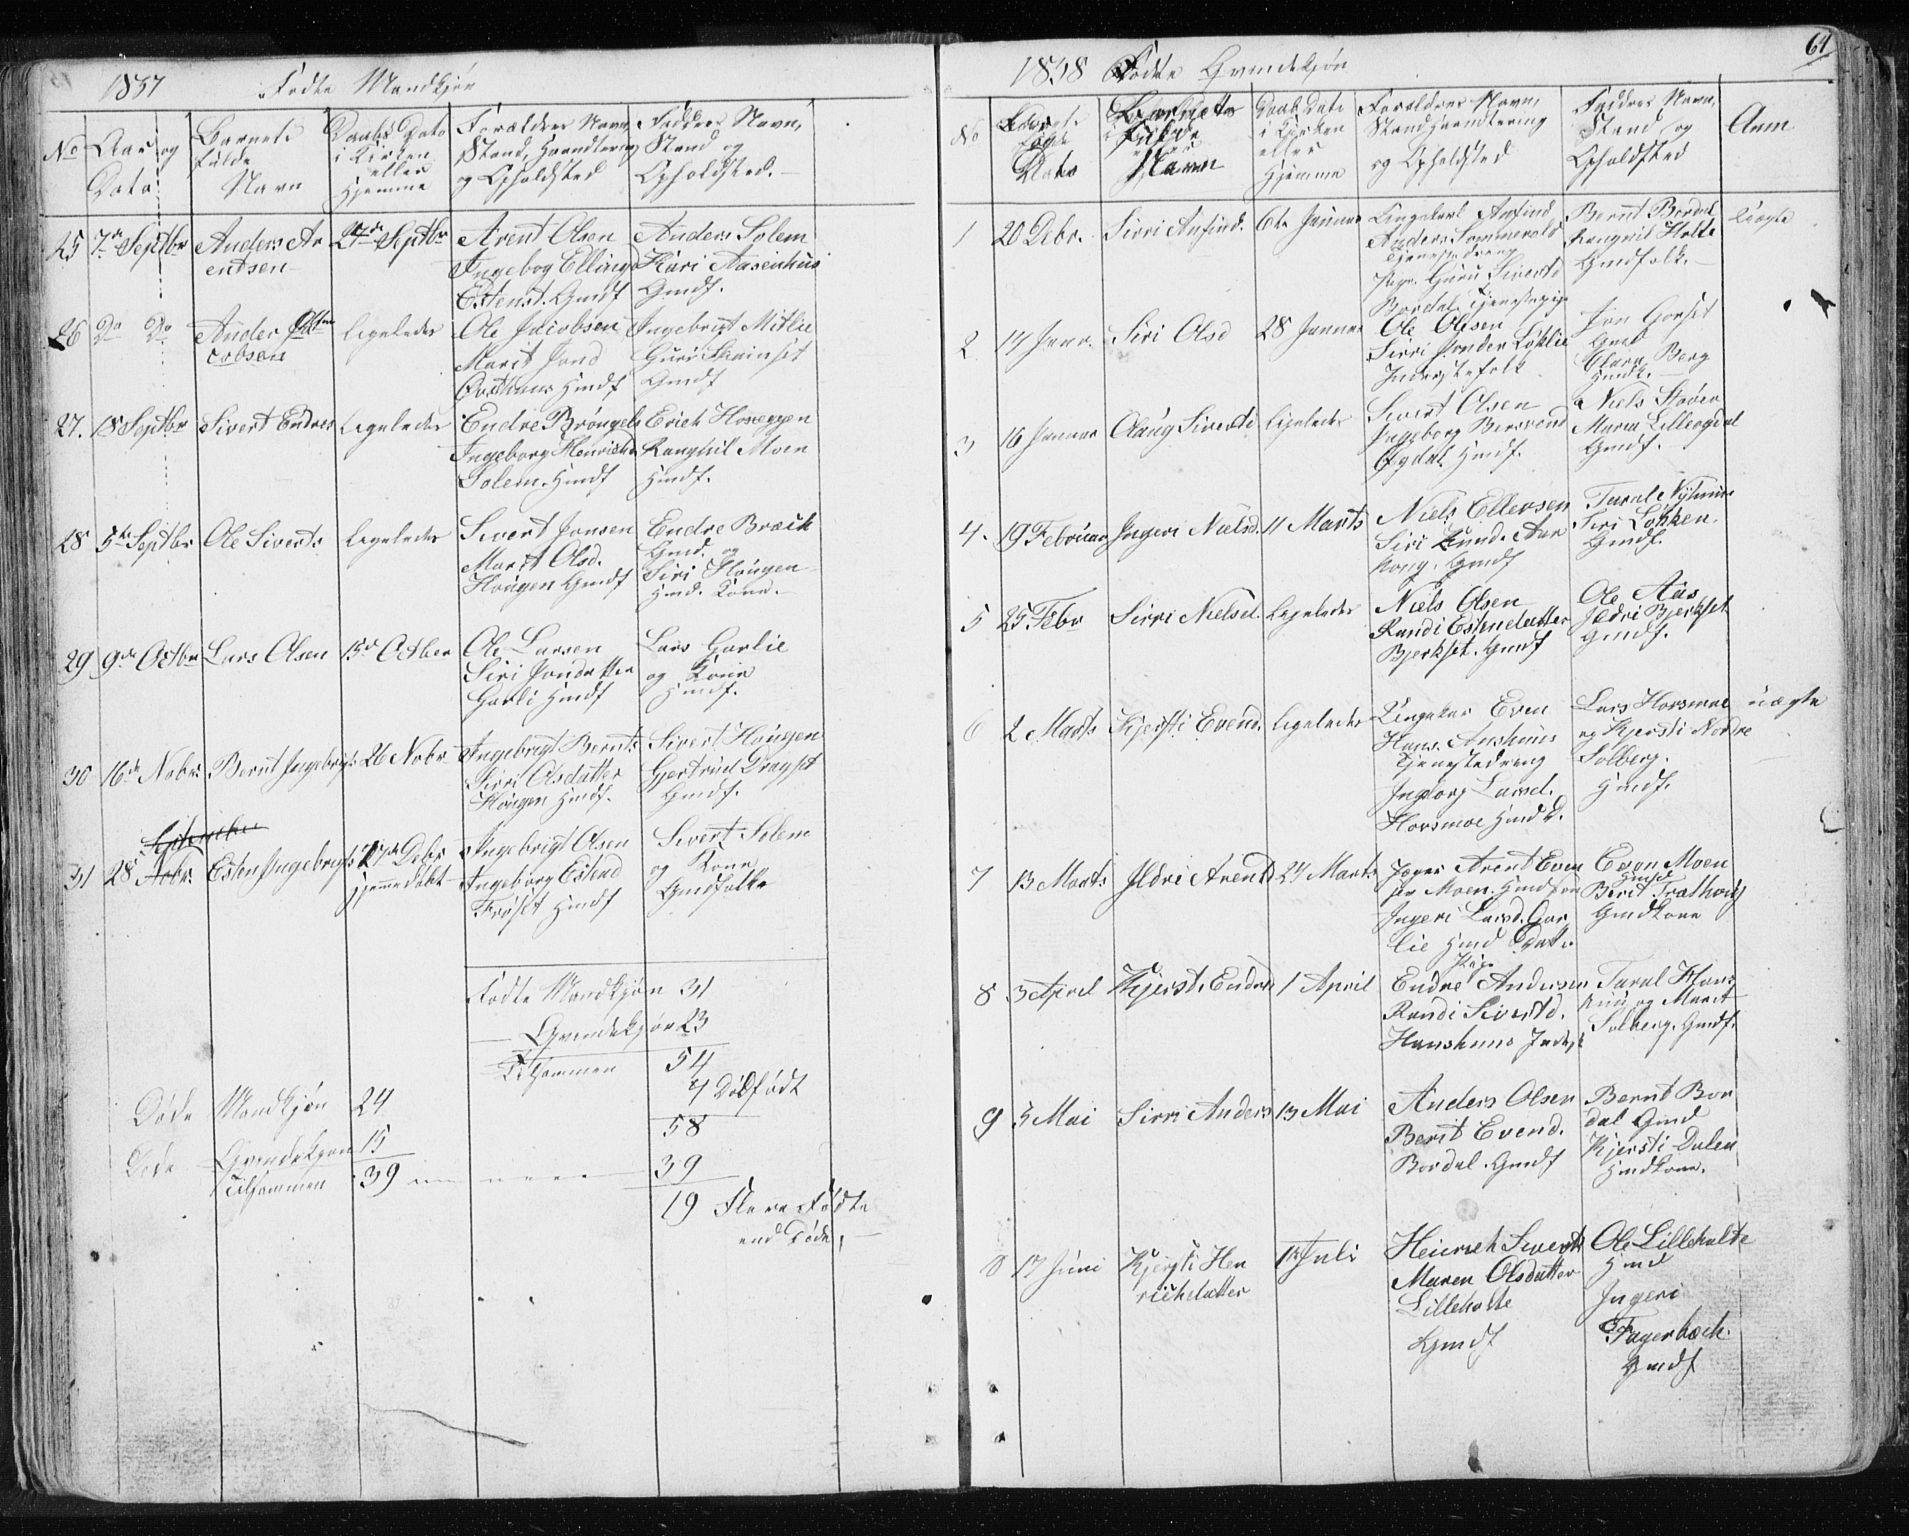 SAT, Ministerialprotokoller, klokkerbøker og fødselsregistre - Sør-Trøndelag, 689/L1043: Klokkerbok nr. 689C02, 1816-1892, s. 64